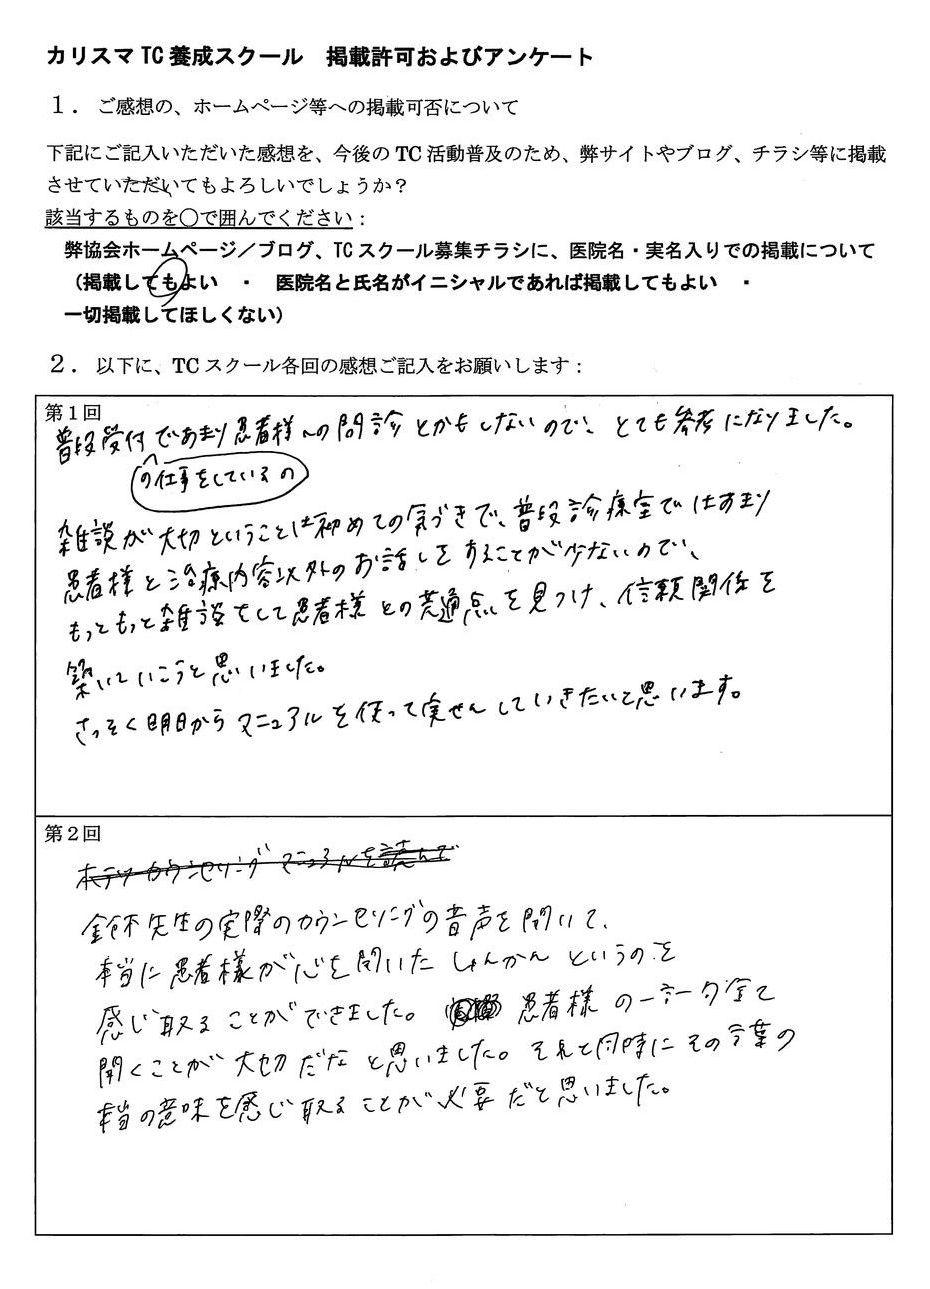 田村 嘉奈子 様アンケート